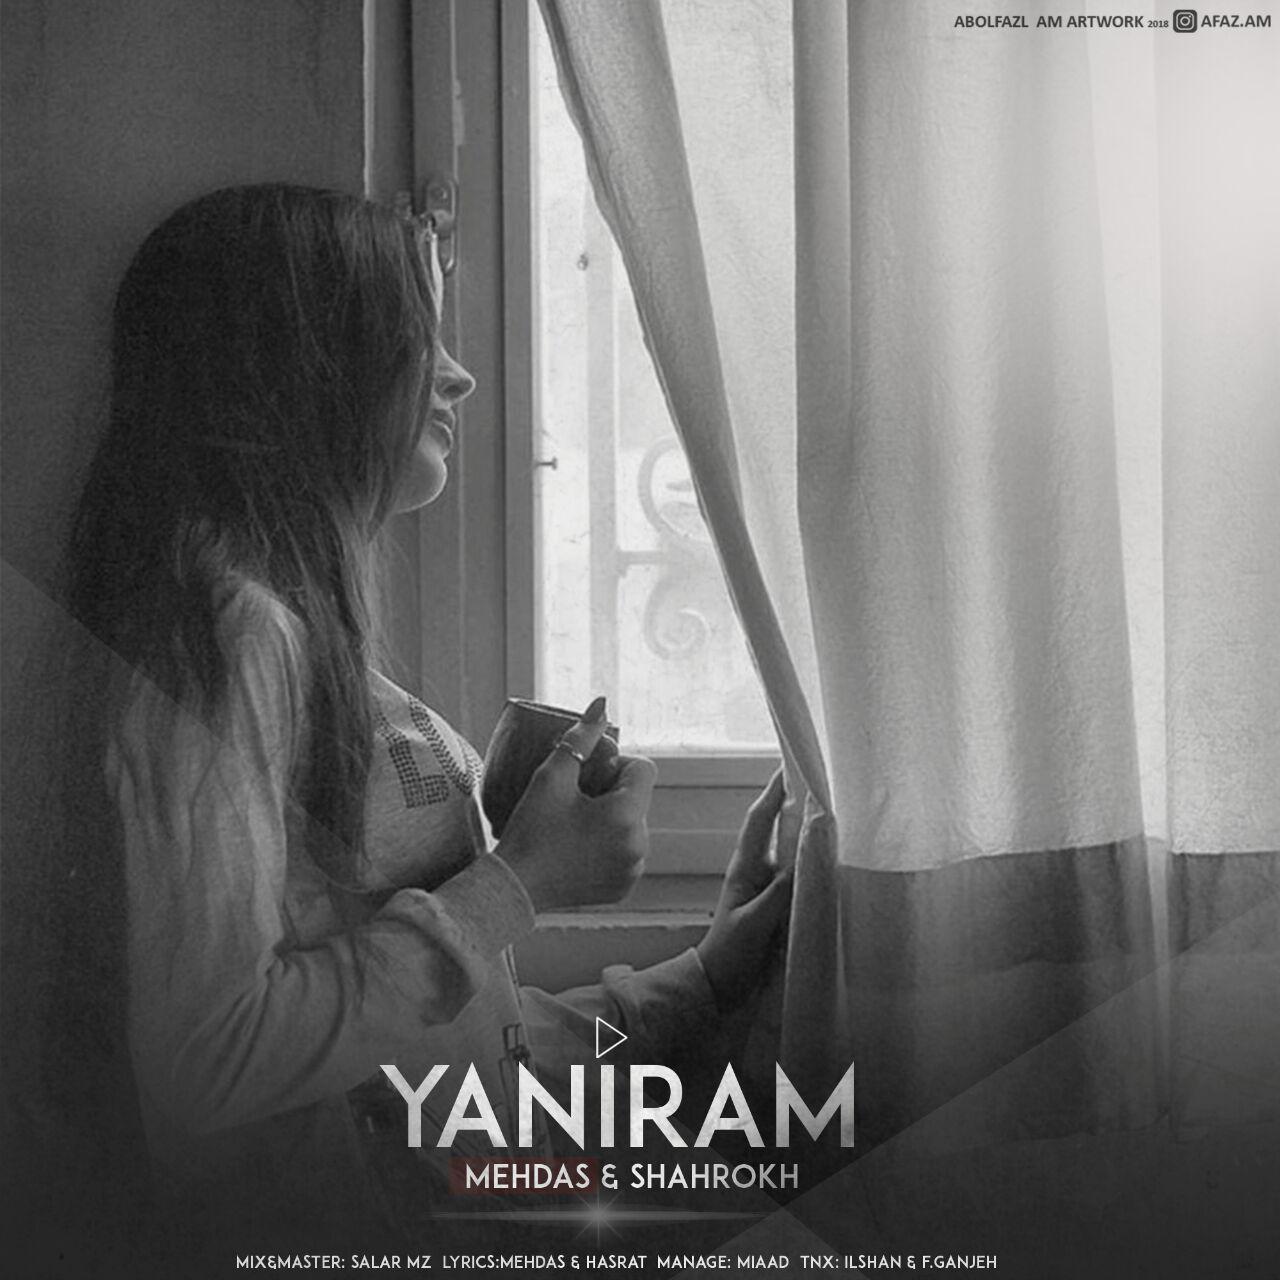 محداث و شاهرخ - یانیرام